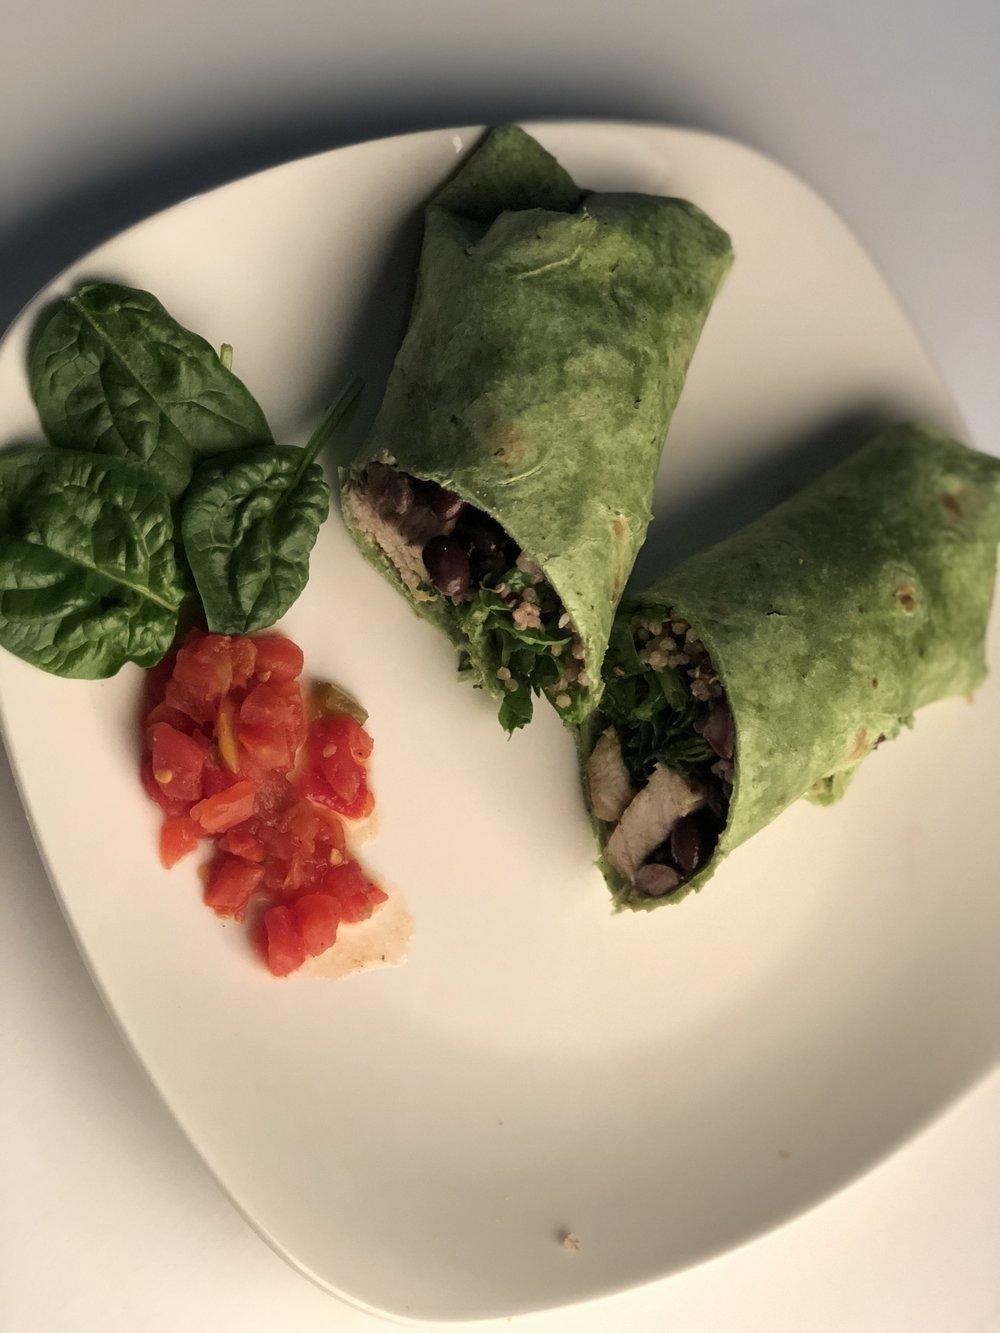 Green Spinach Chicken Wrap   Spinach wrap, black neans, chicken, quinoa/brown rice, plain greek yogurt, spicy habanera dip